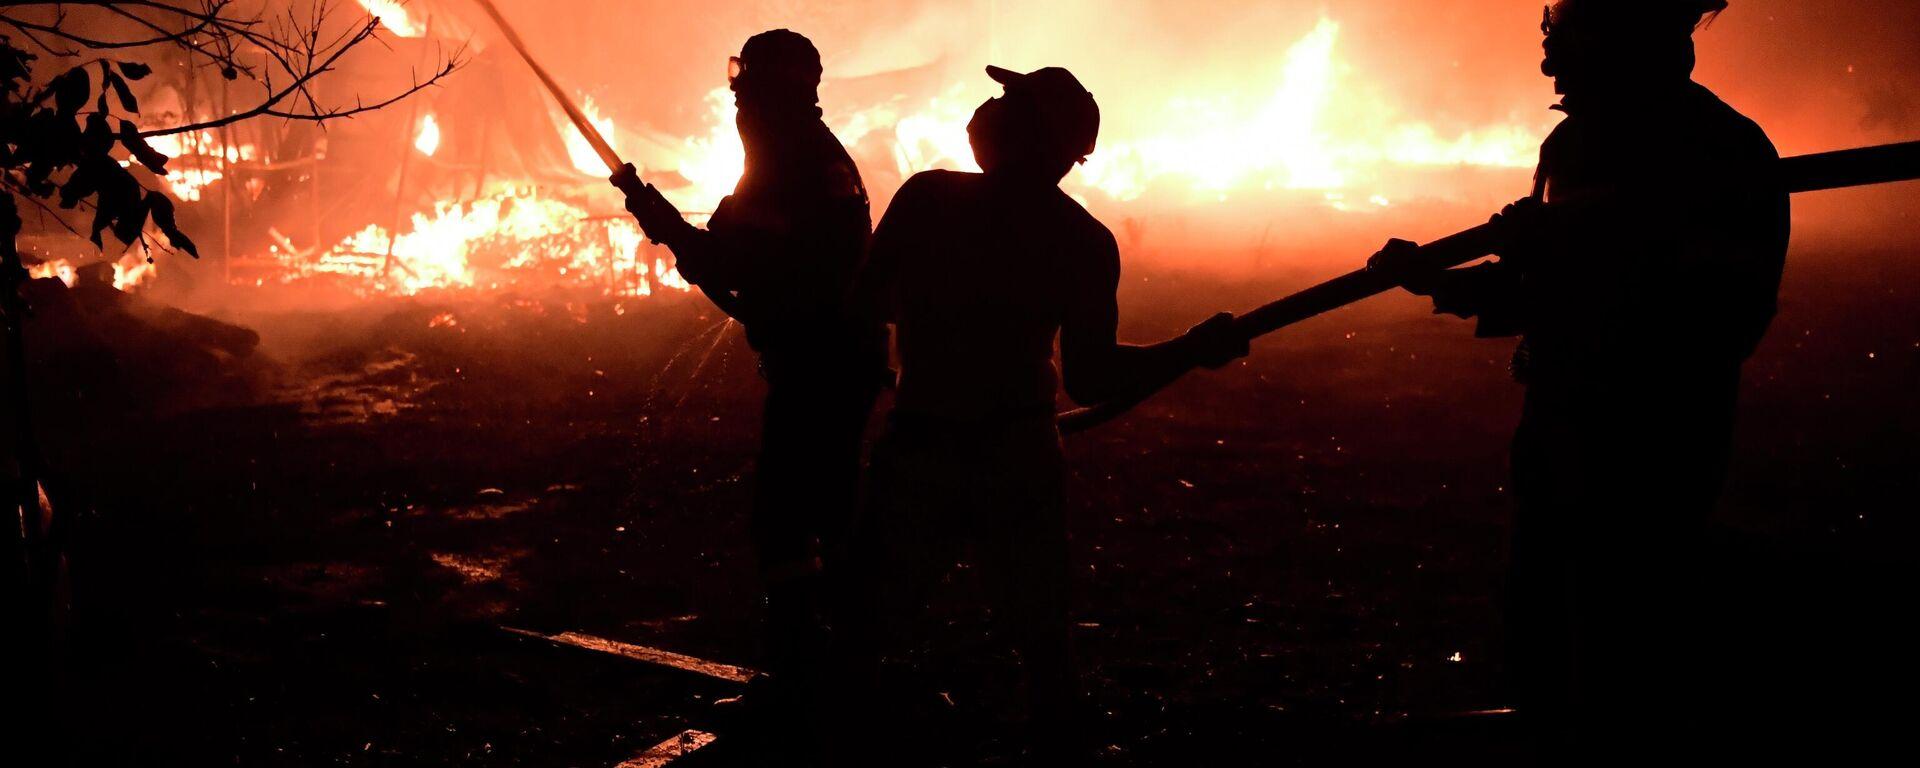 Vatrogasci gase požar u predgrađu Atine - Sputnik Srbija, 1920, 04.08.2021